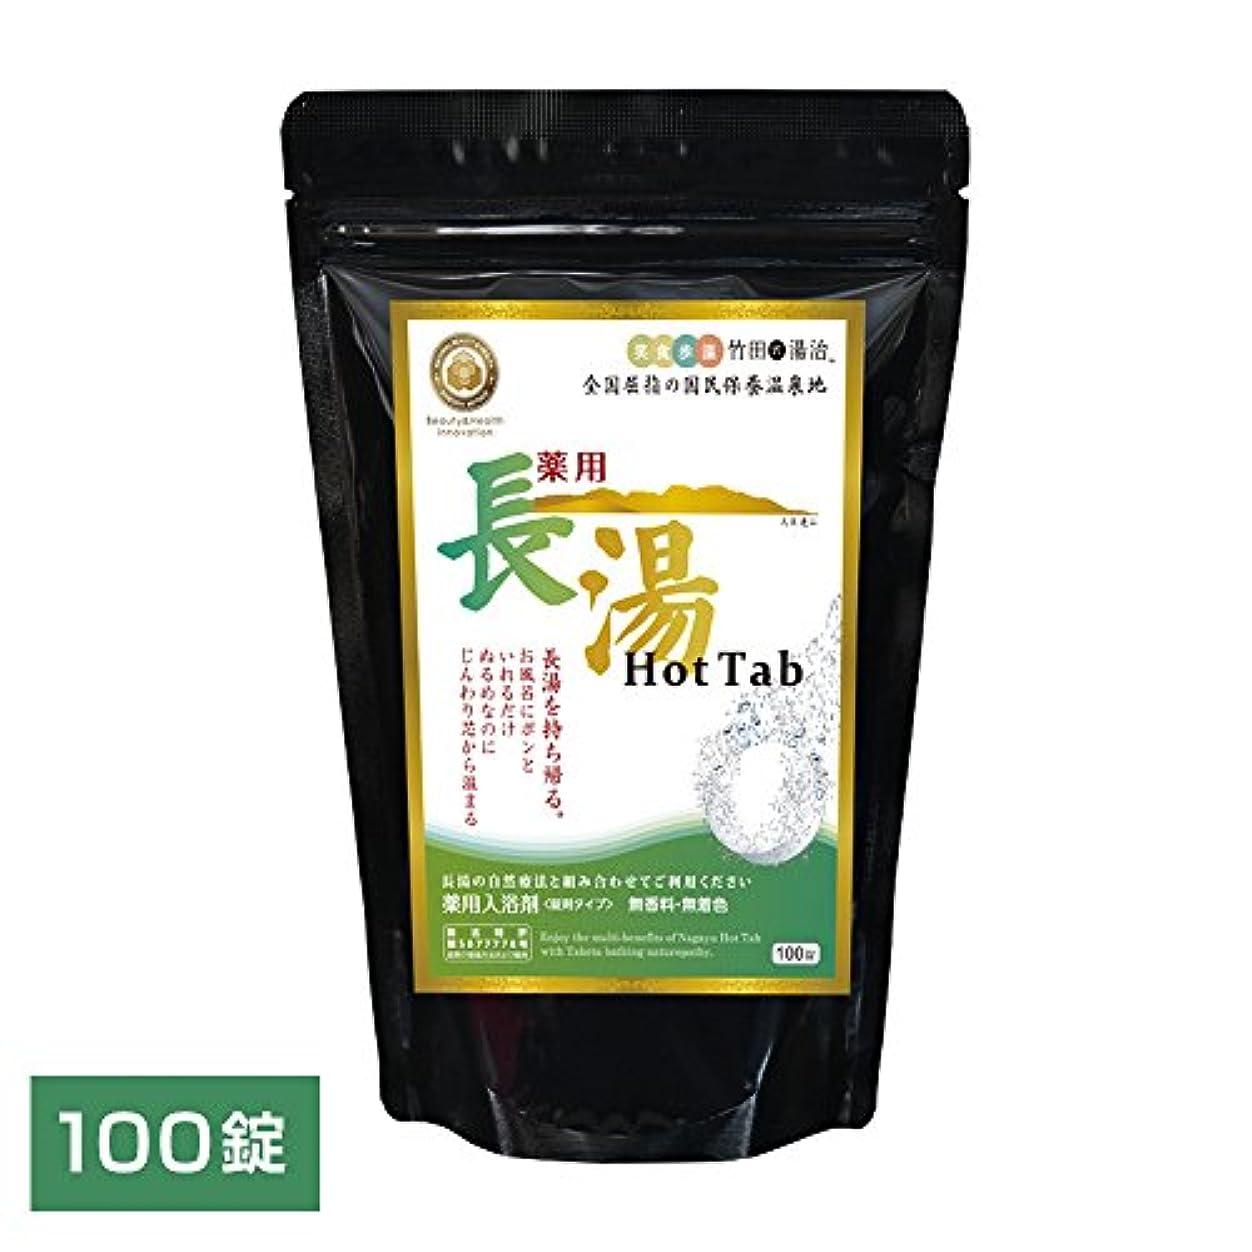 積極的にジャングル女性Hot Tab 重炭酸入浴剤 (医薬部外品) 薬用長湯ホットタブ (皮脂汚れを重炭酸の力で除去 美容健康入浴剤 炭酸泉タブレット) 100錠